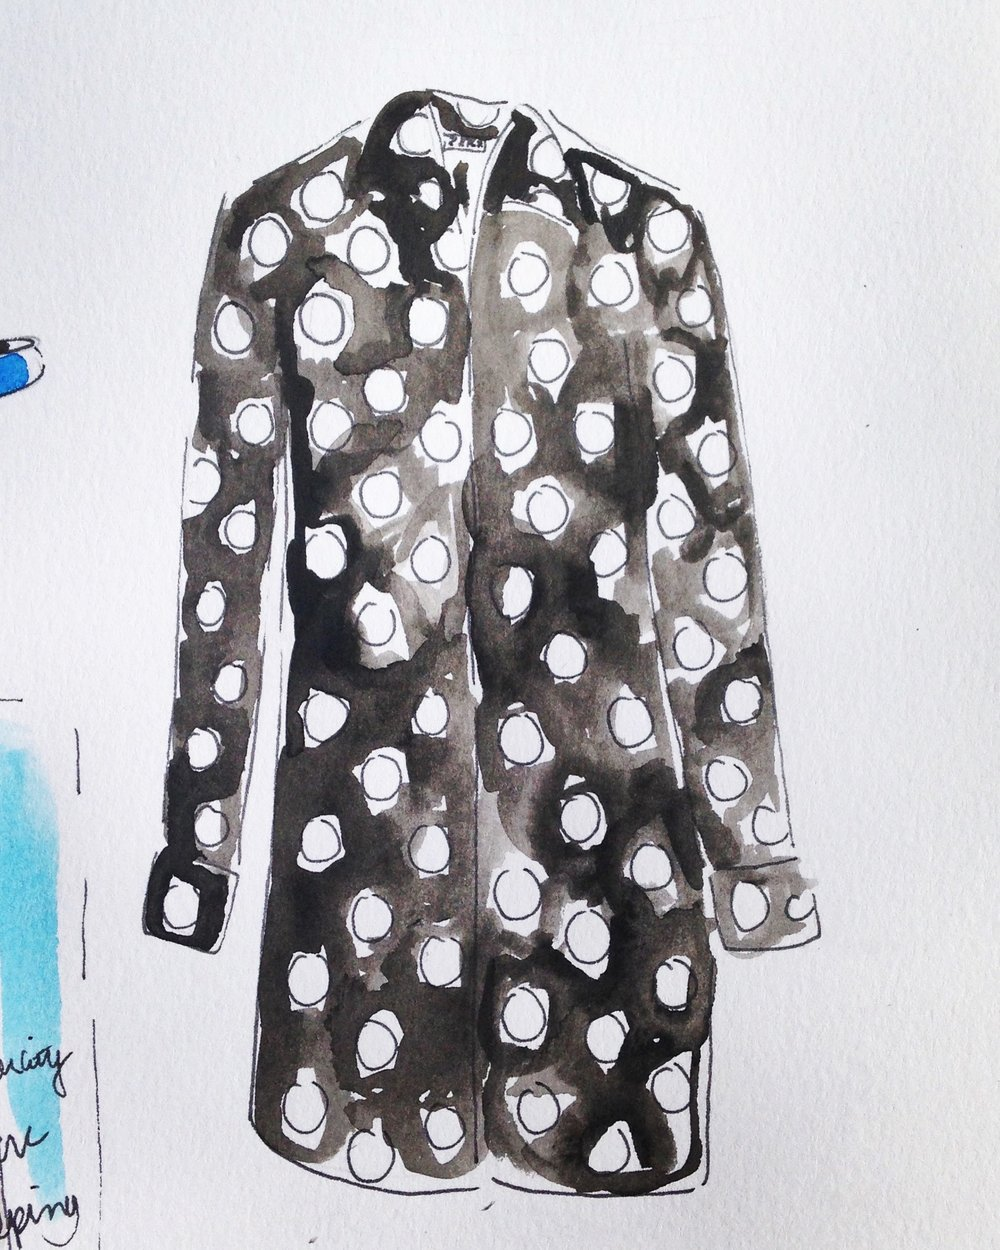 Zara polka dot dress available  here.